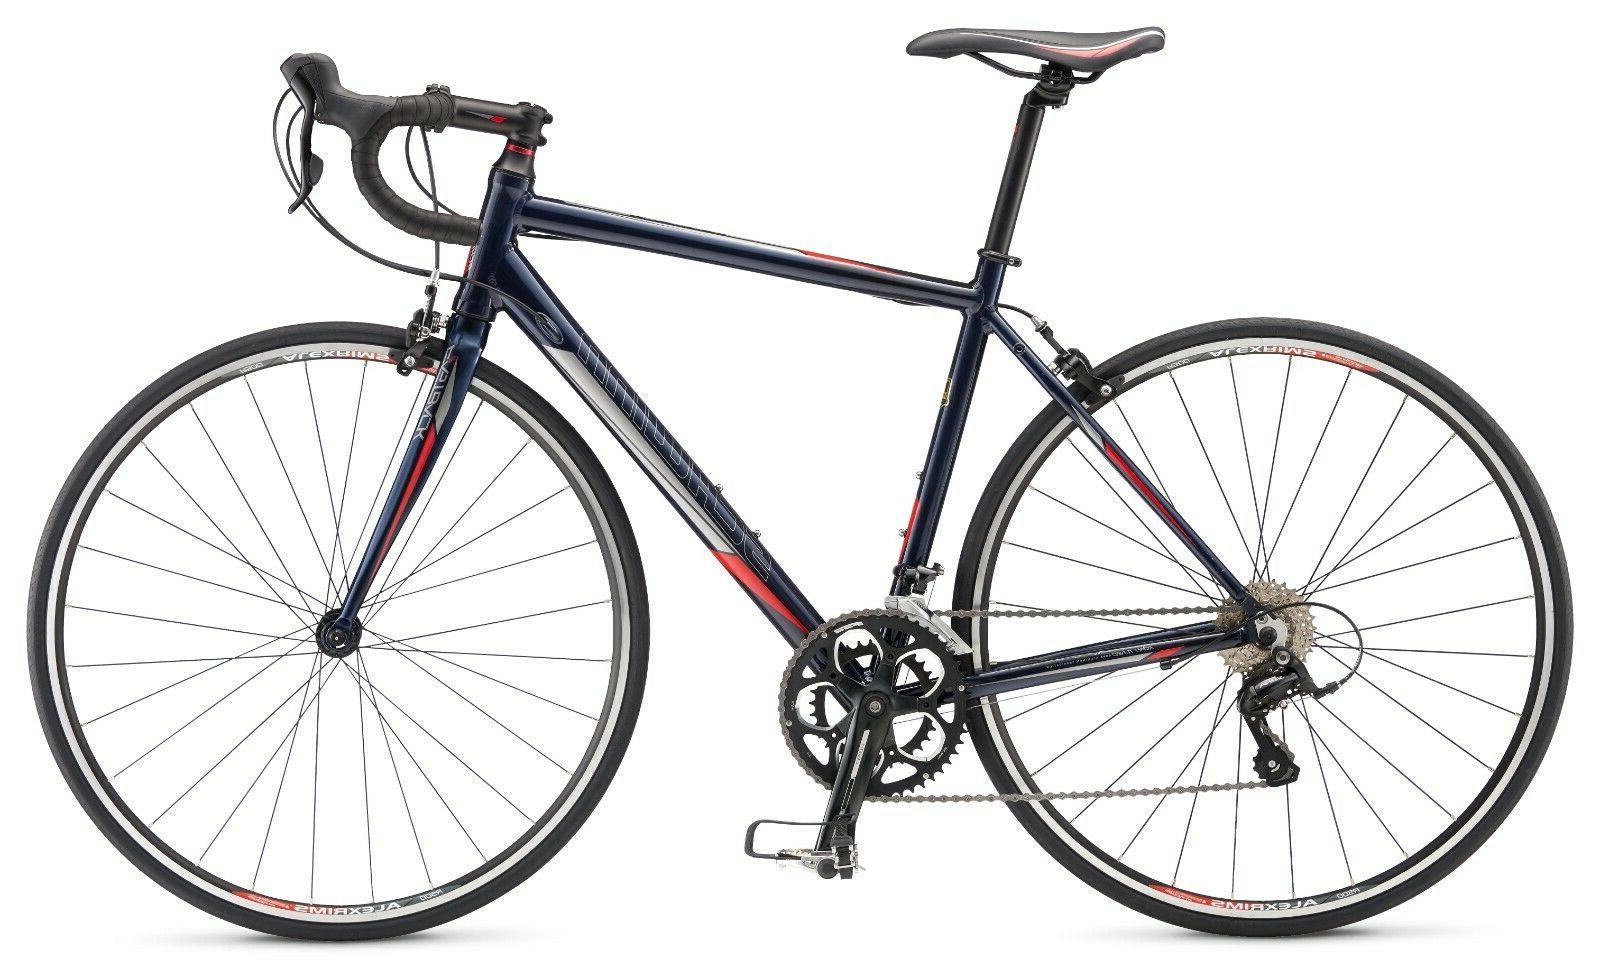 fastback 2 road bike